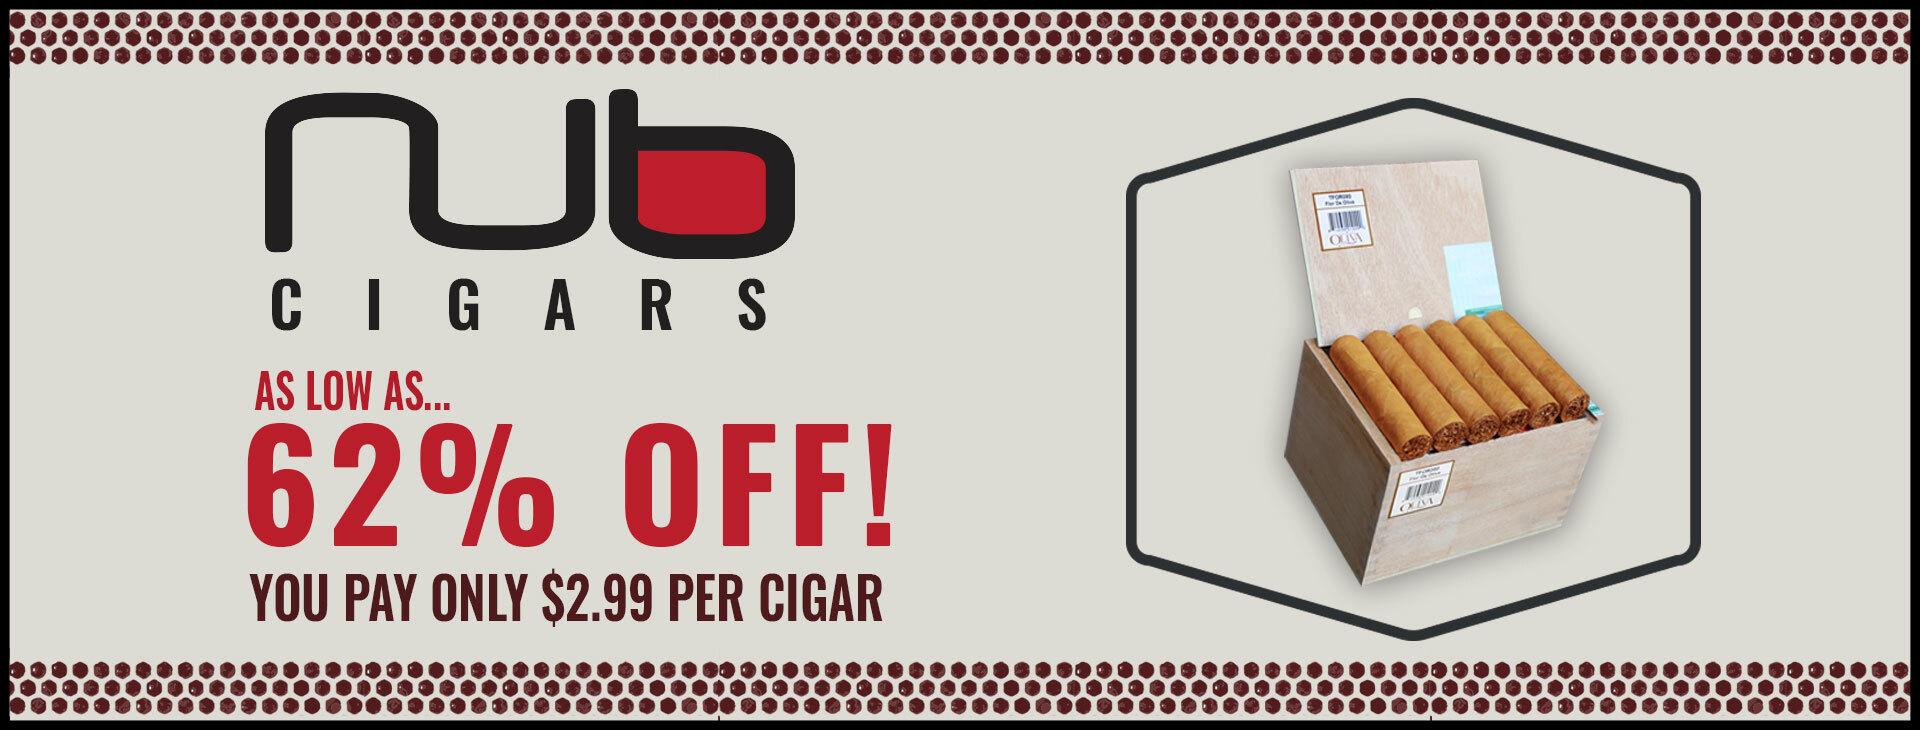 NUB CIGARS - AS LOW AS $2.99